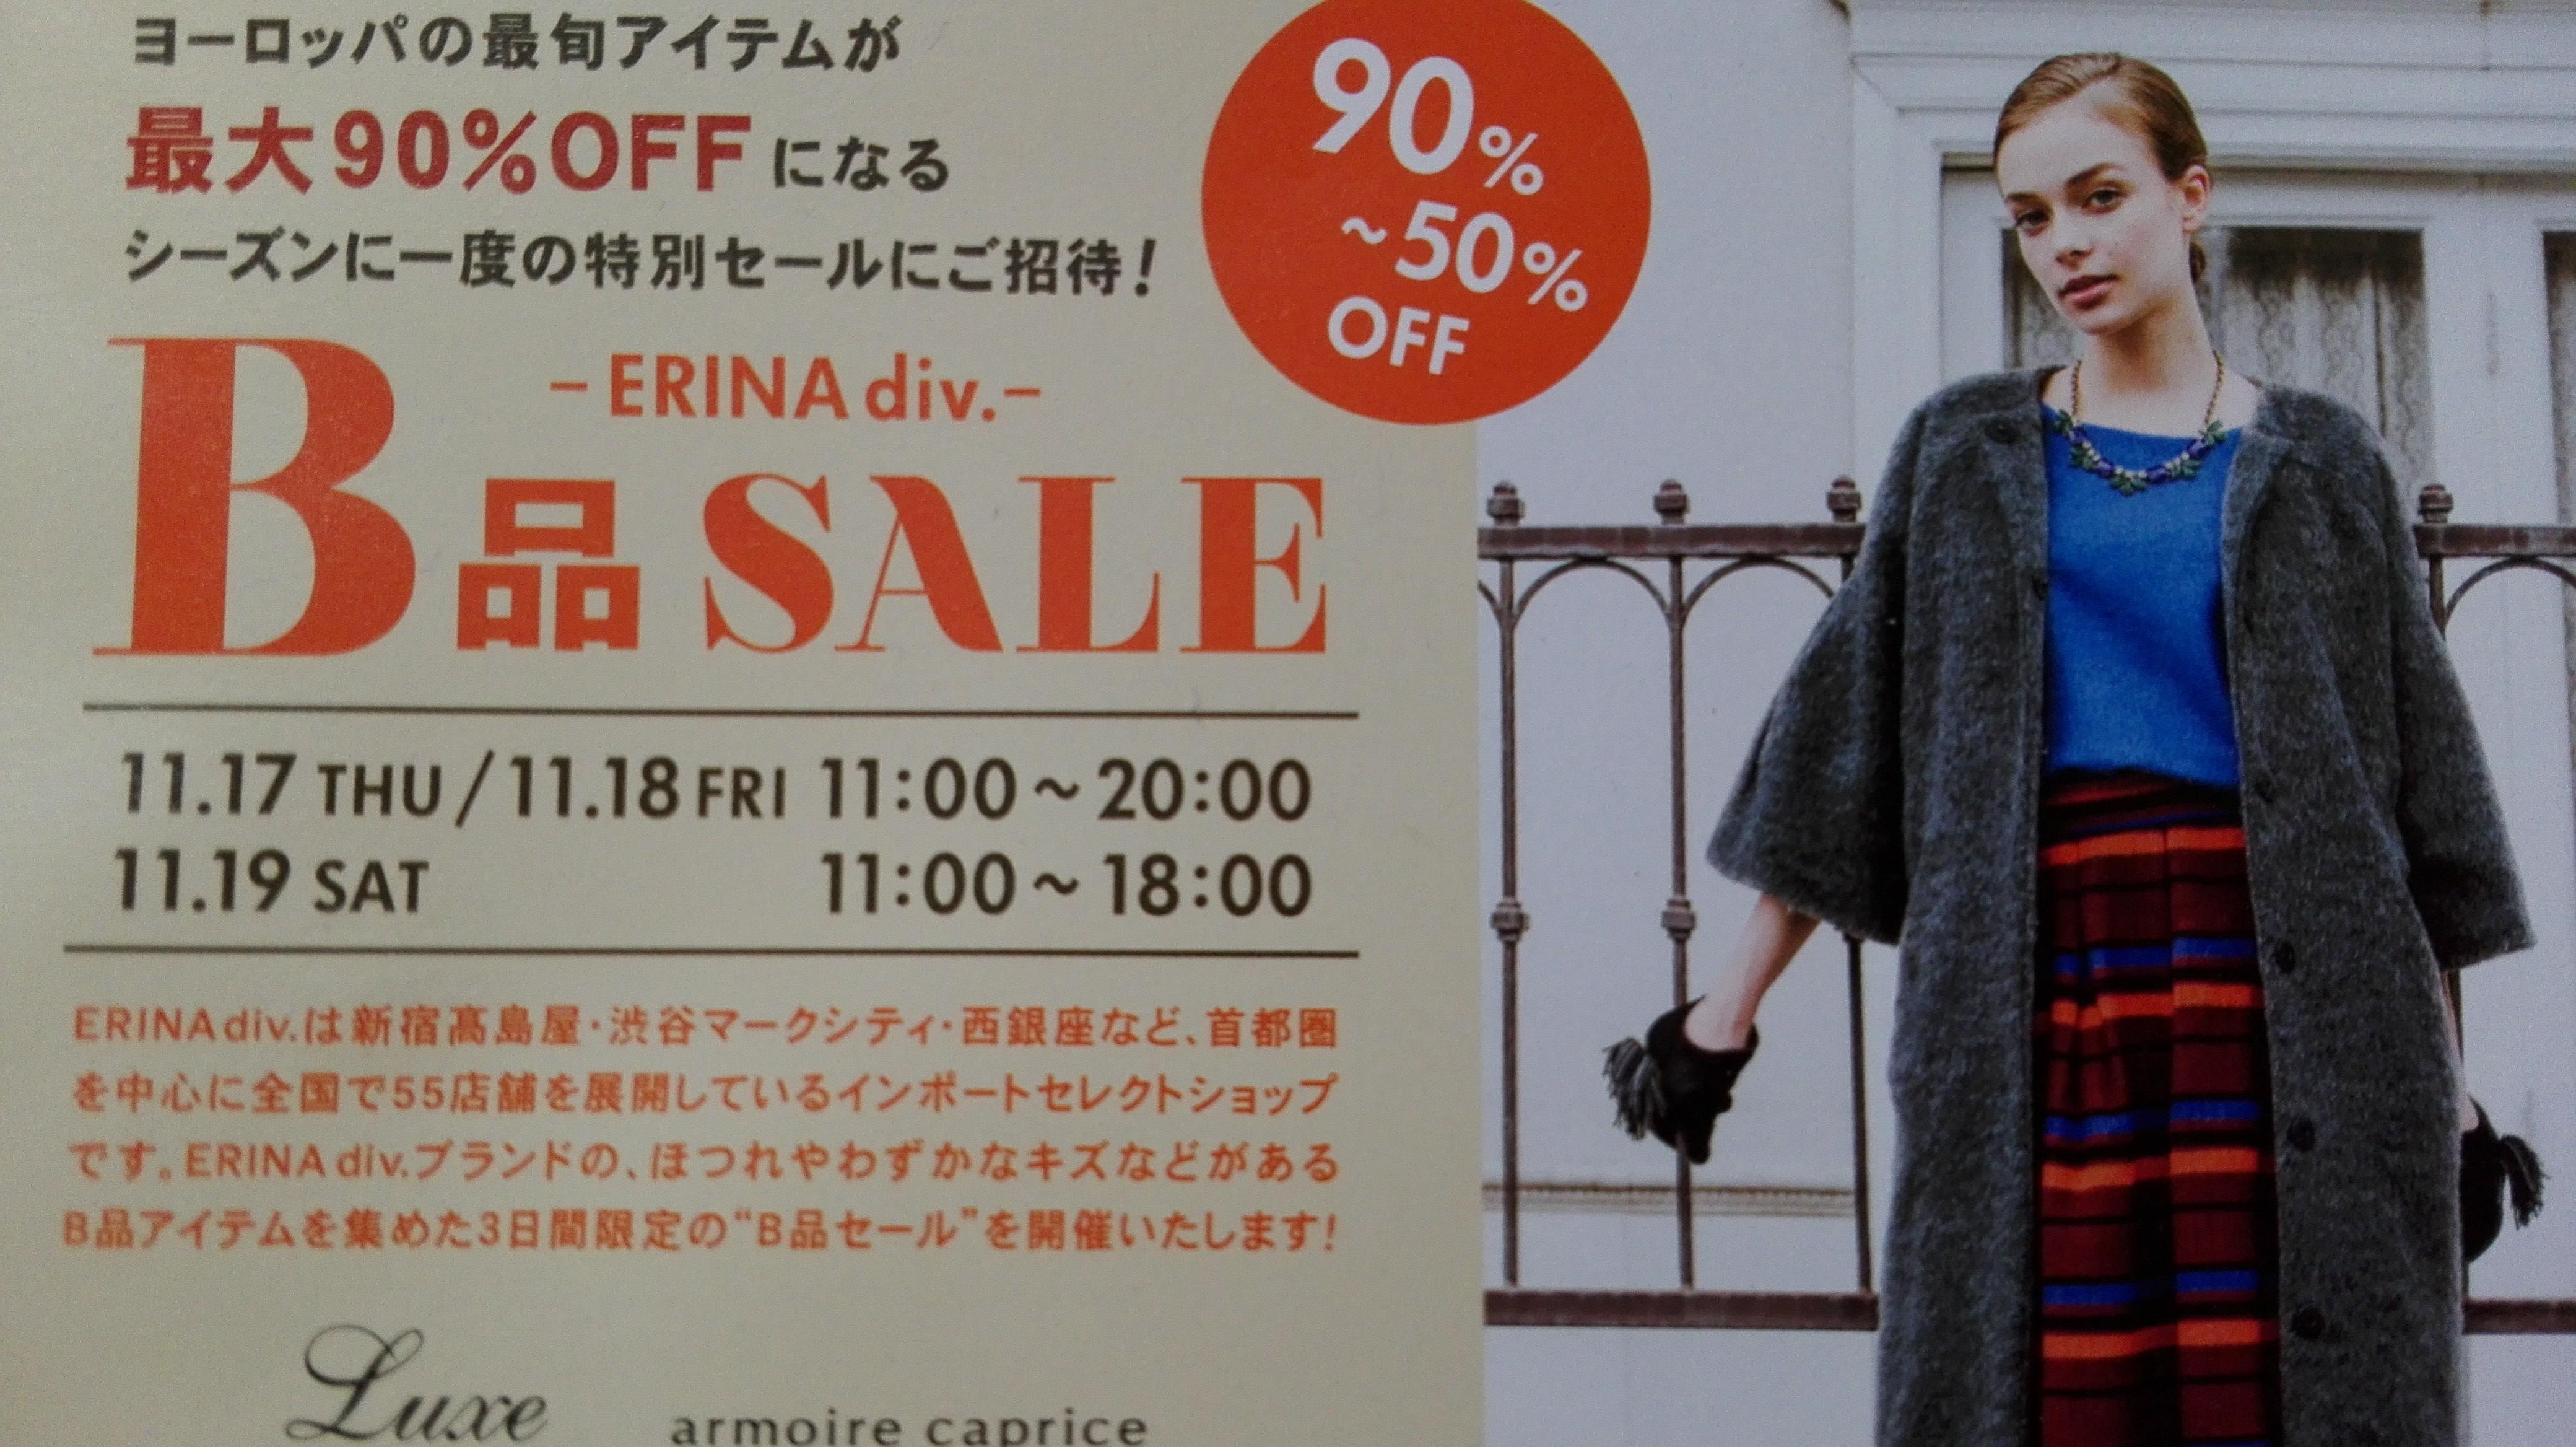 最大90%オフのアウトレット!armoire caprice(アーモワールカプリス)のB品セール